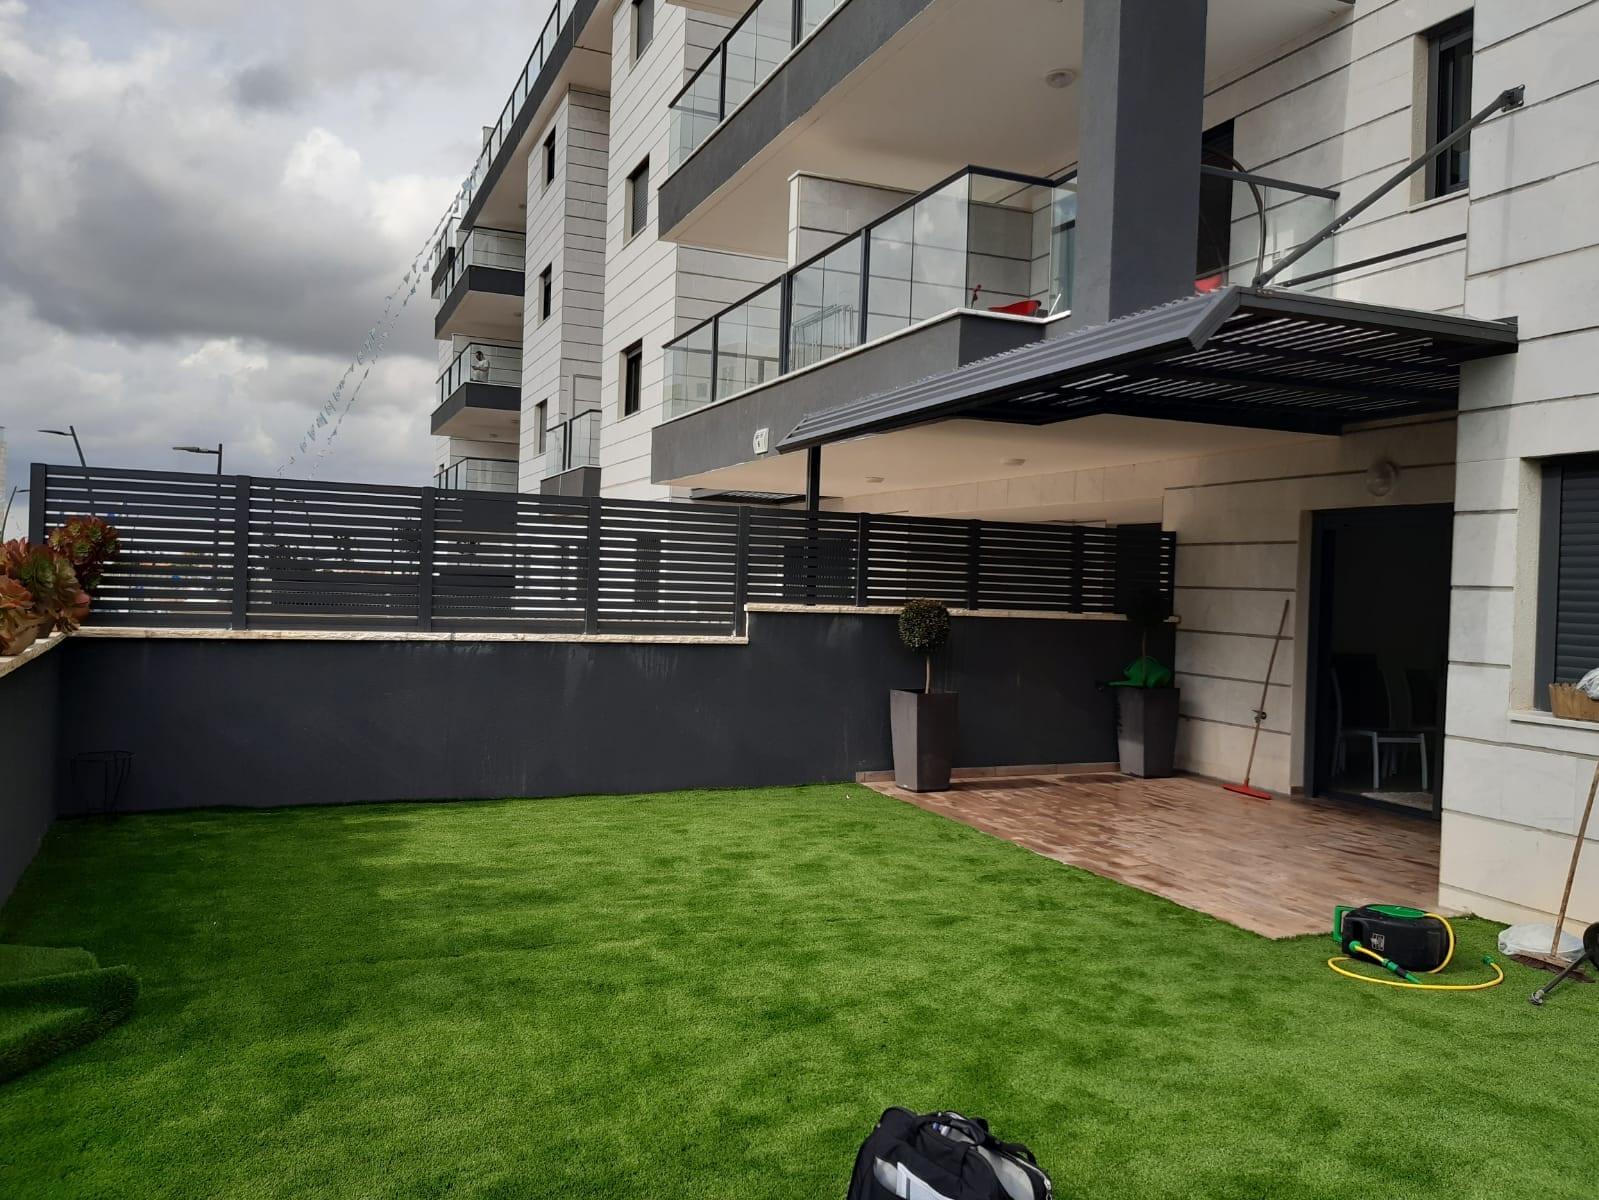 תמונה של דשא בשילוב גדר אלומיניום של חברת טרלידור